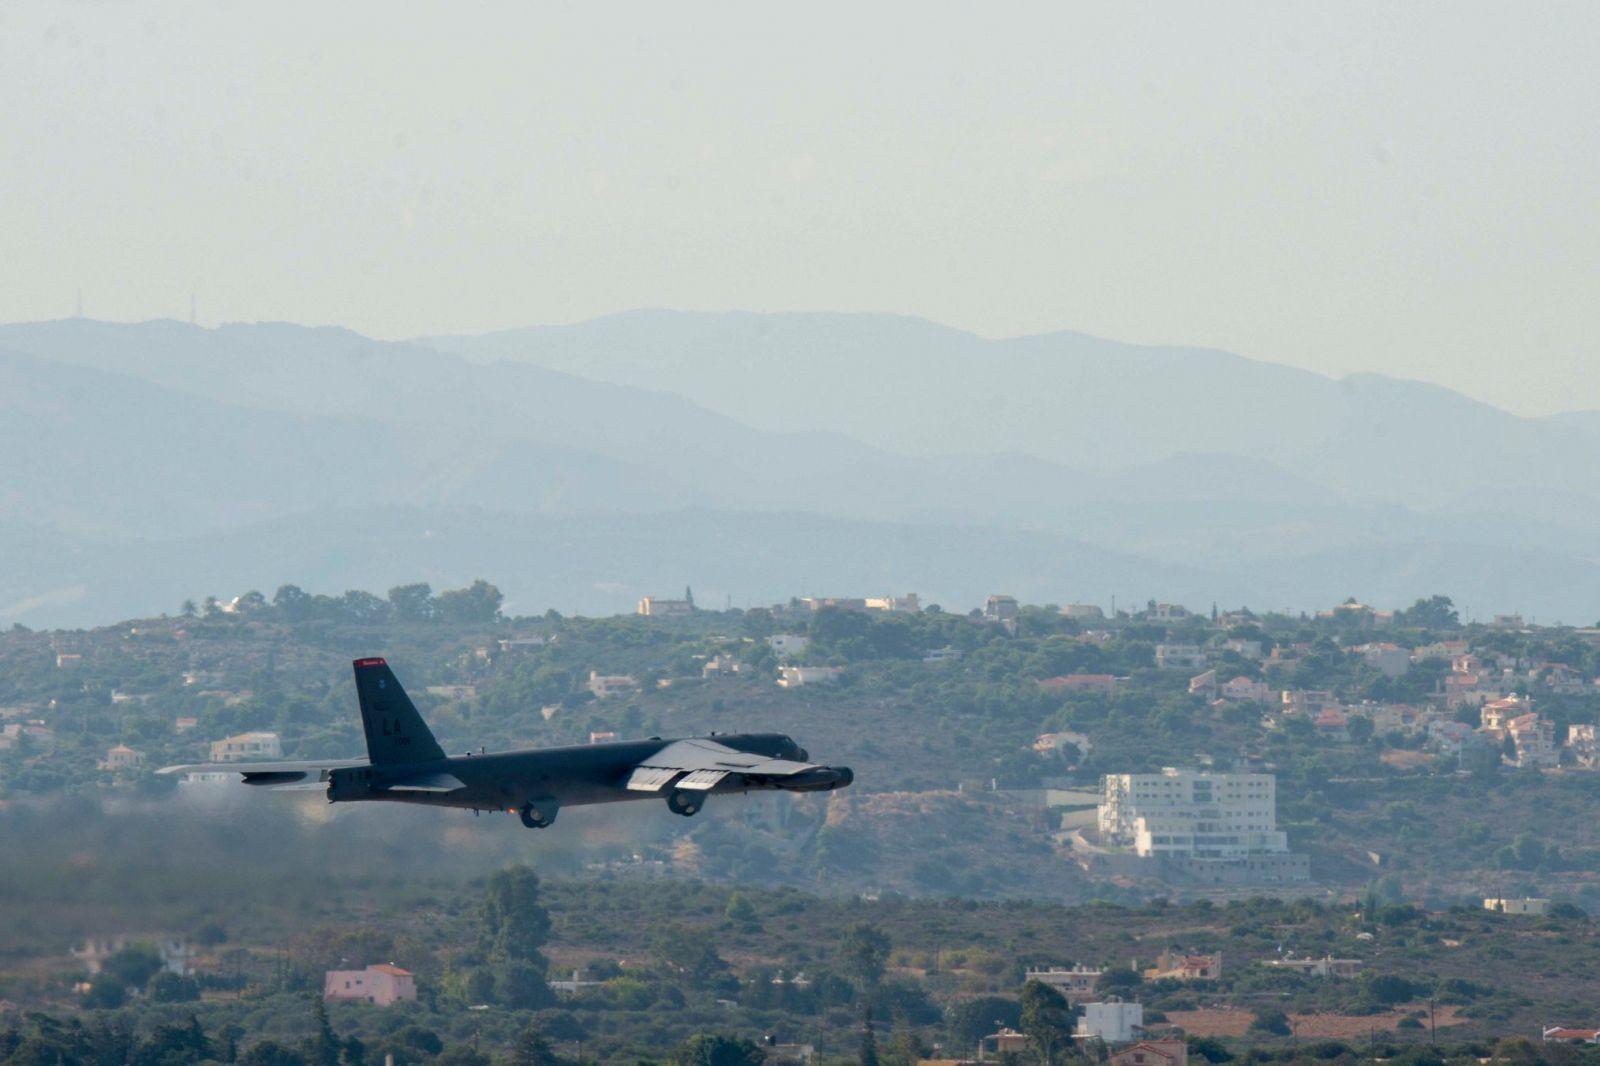 В Гърция за първи път кацна американски стратегически бомбардировач B-52 Stratofortress